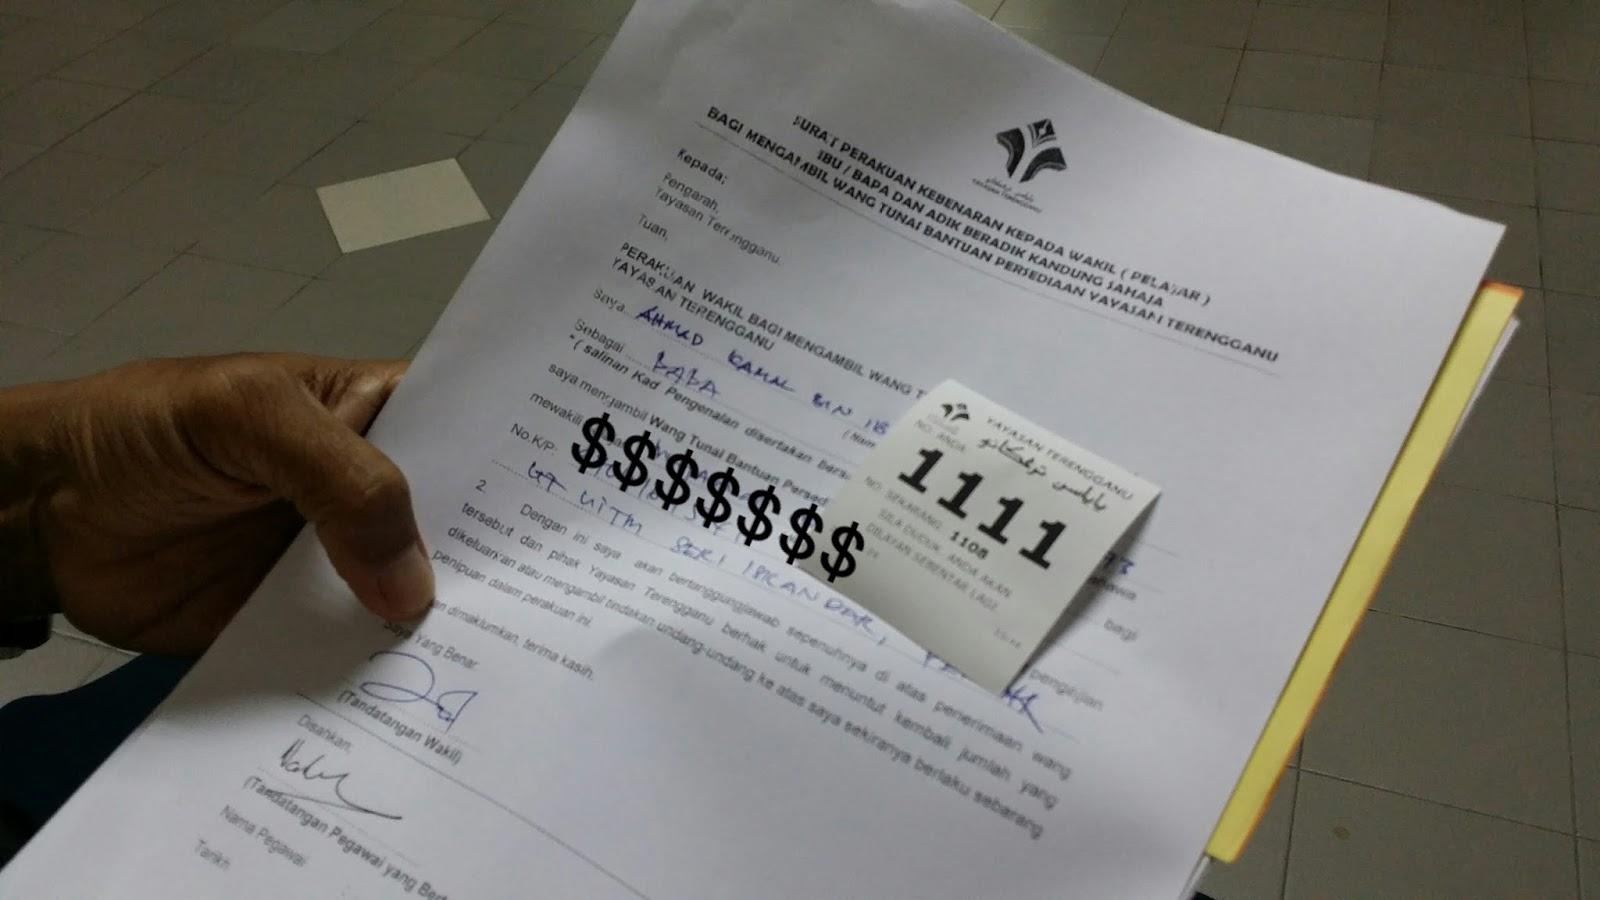 Dari Jendela Che Dai Bantual Awal Ipta Ipts Yayasan Terengganu